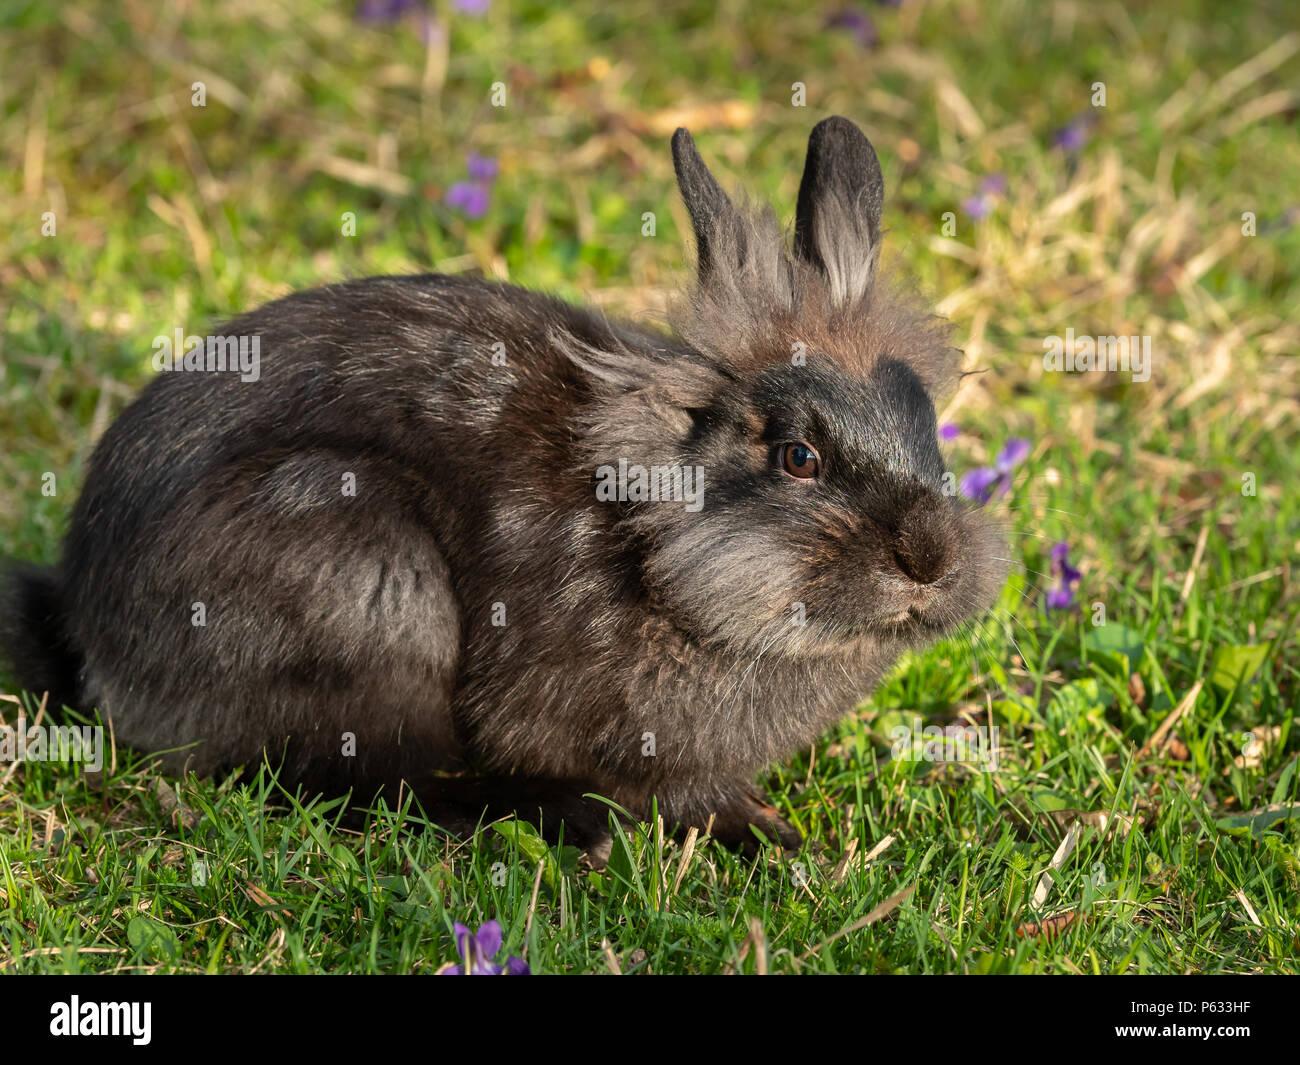 Un jeune lapin nain brun (lions head) assis dans l'herbe Banque D'Images